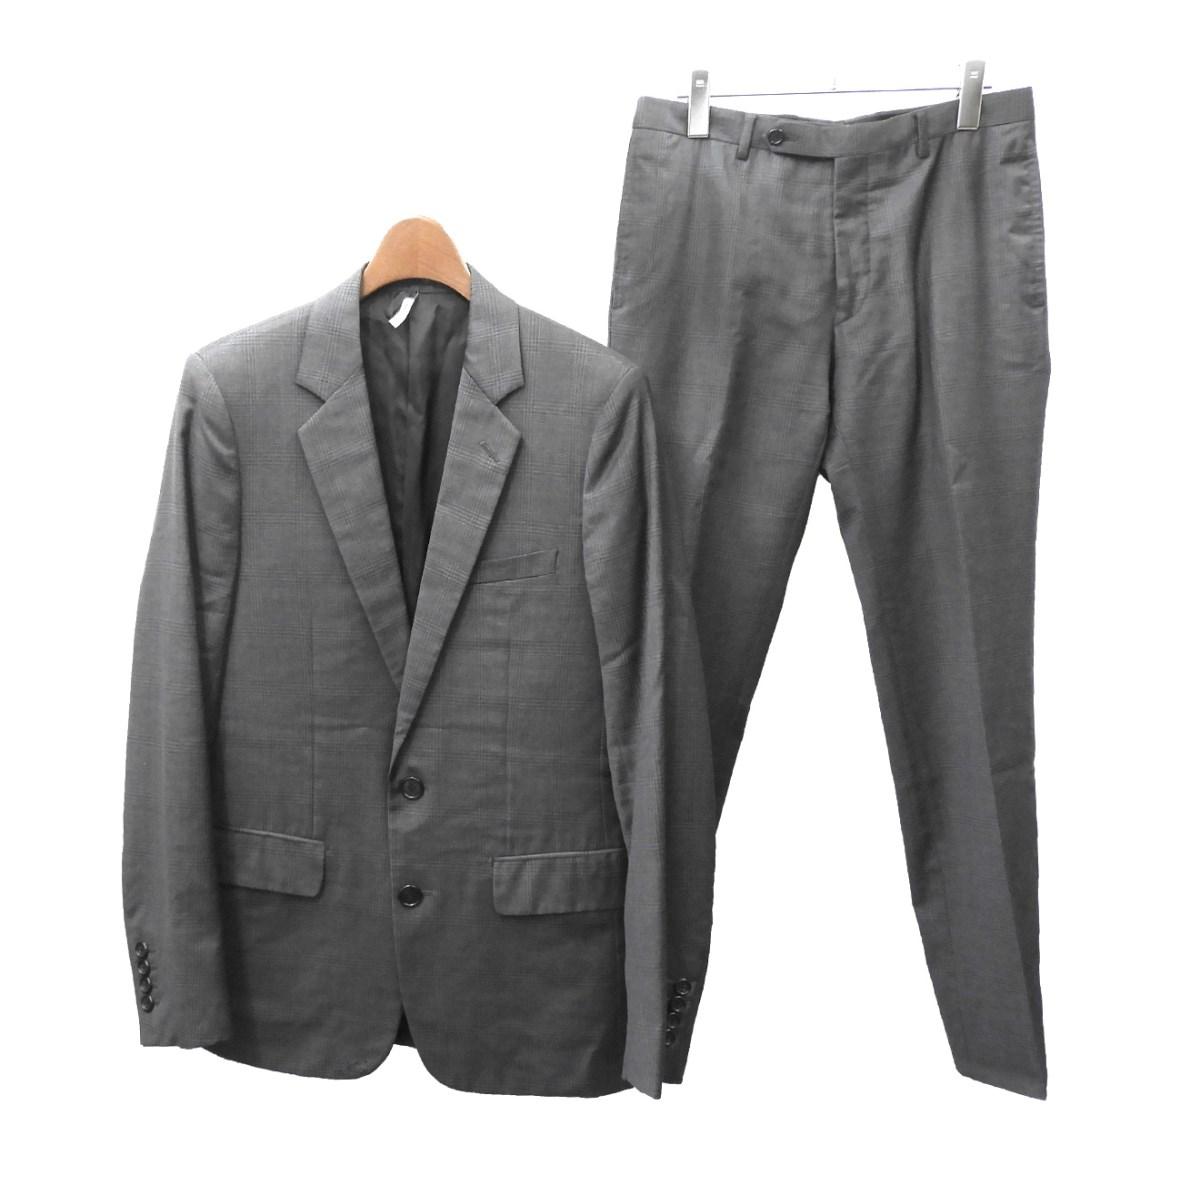 【中古】Dior Homme 2007SS チェック柄セットアップスーツ グレー サイズ:44/44 【080220】(ディオールオム)